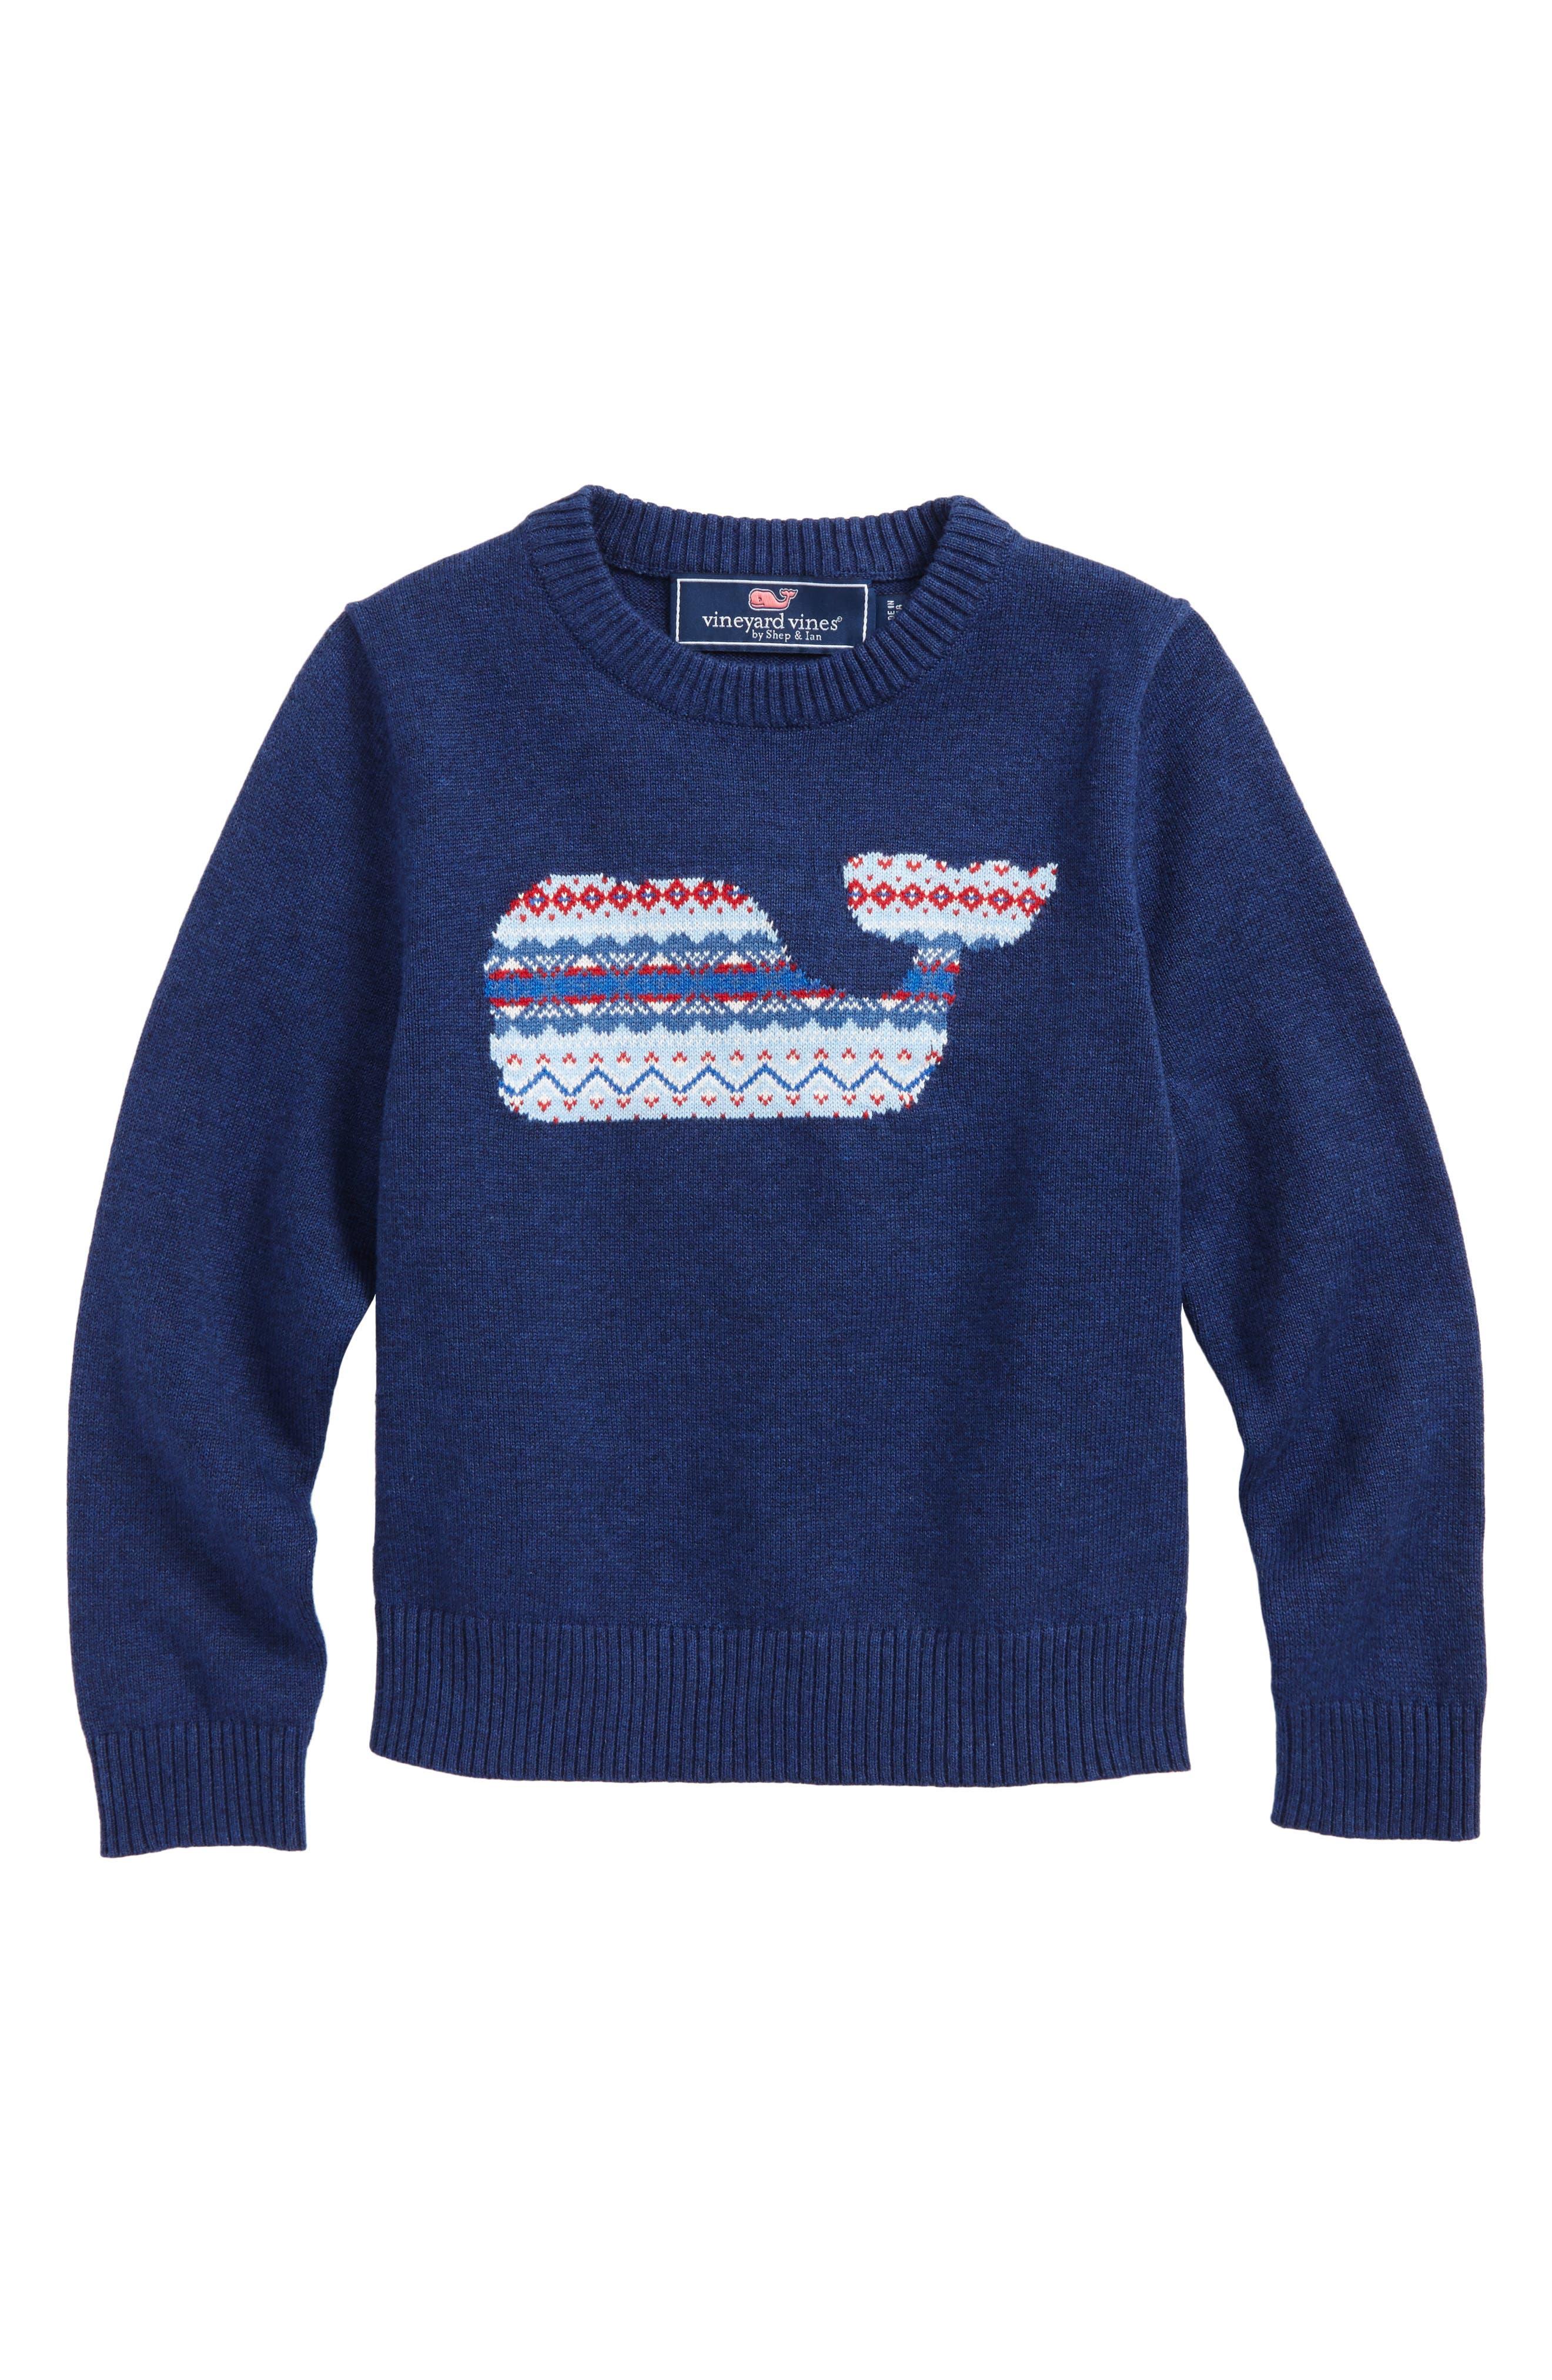 Whale Isle Intarsia Sweater,                         Main,                         color,